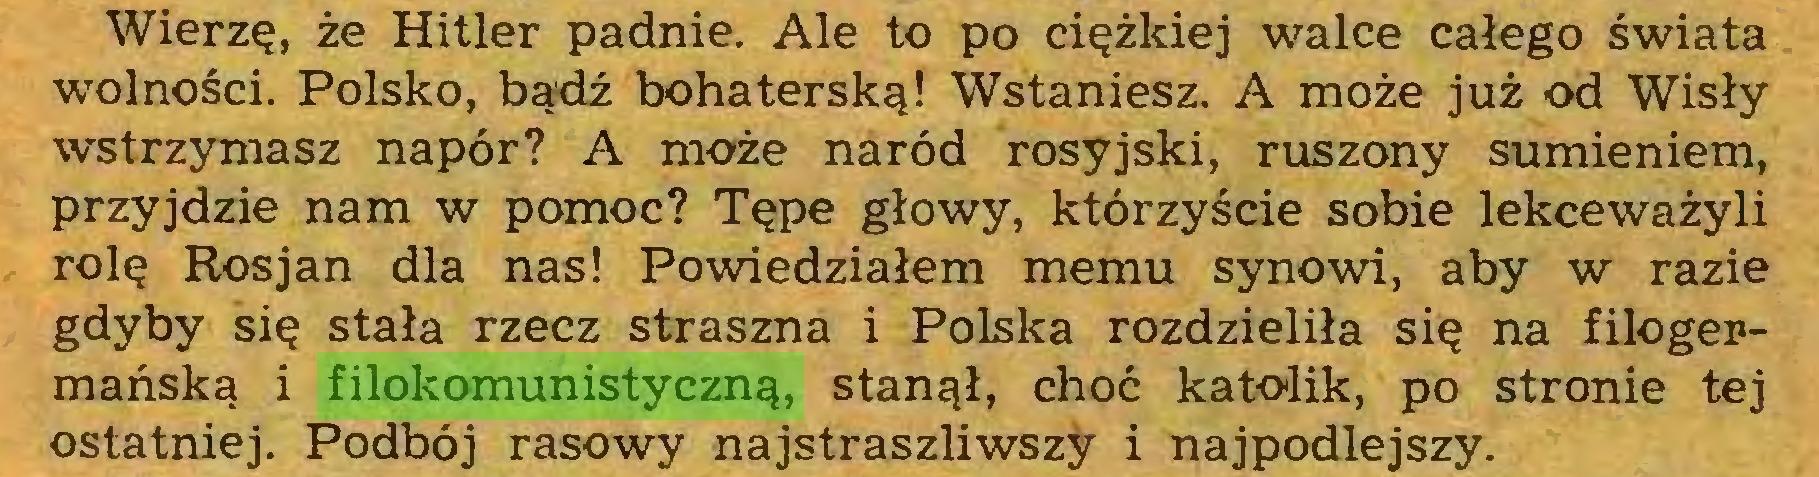 (...) Wierzę, że Hitler padnie. Ale to po ciężkiej walce całego świata wolności. Polsko, bądź bohaterską! Wstaniesz. A może już od Wisły wstrzymasz napór? A może naród rosyjski, ruszony sumieniem, przyjdzie nam w pomoc? Tępe głowy, którzyście sobie lekceważyli rolę Rosjan dla nas! Powiedziałem memu synowi, aby w razie gdyby się stała rzecz straszna i Polska rozdzieliła się na filogermańską i filokomunistyczną, stanął, choć katolik, po stronie tej ostatniej. Podbój rasowy najstraszliwszy i najpodlejszy...